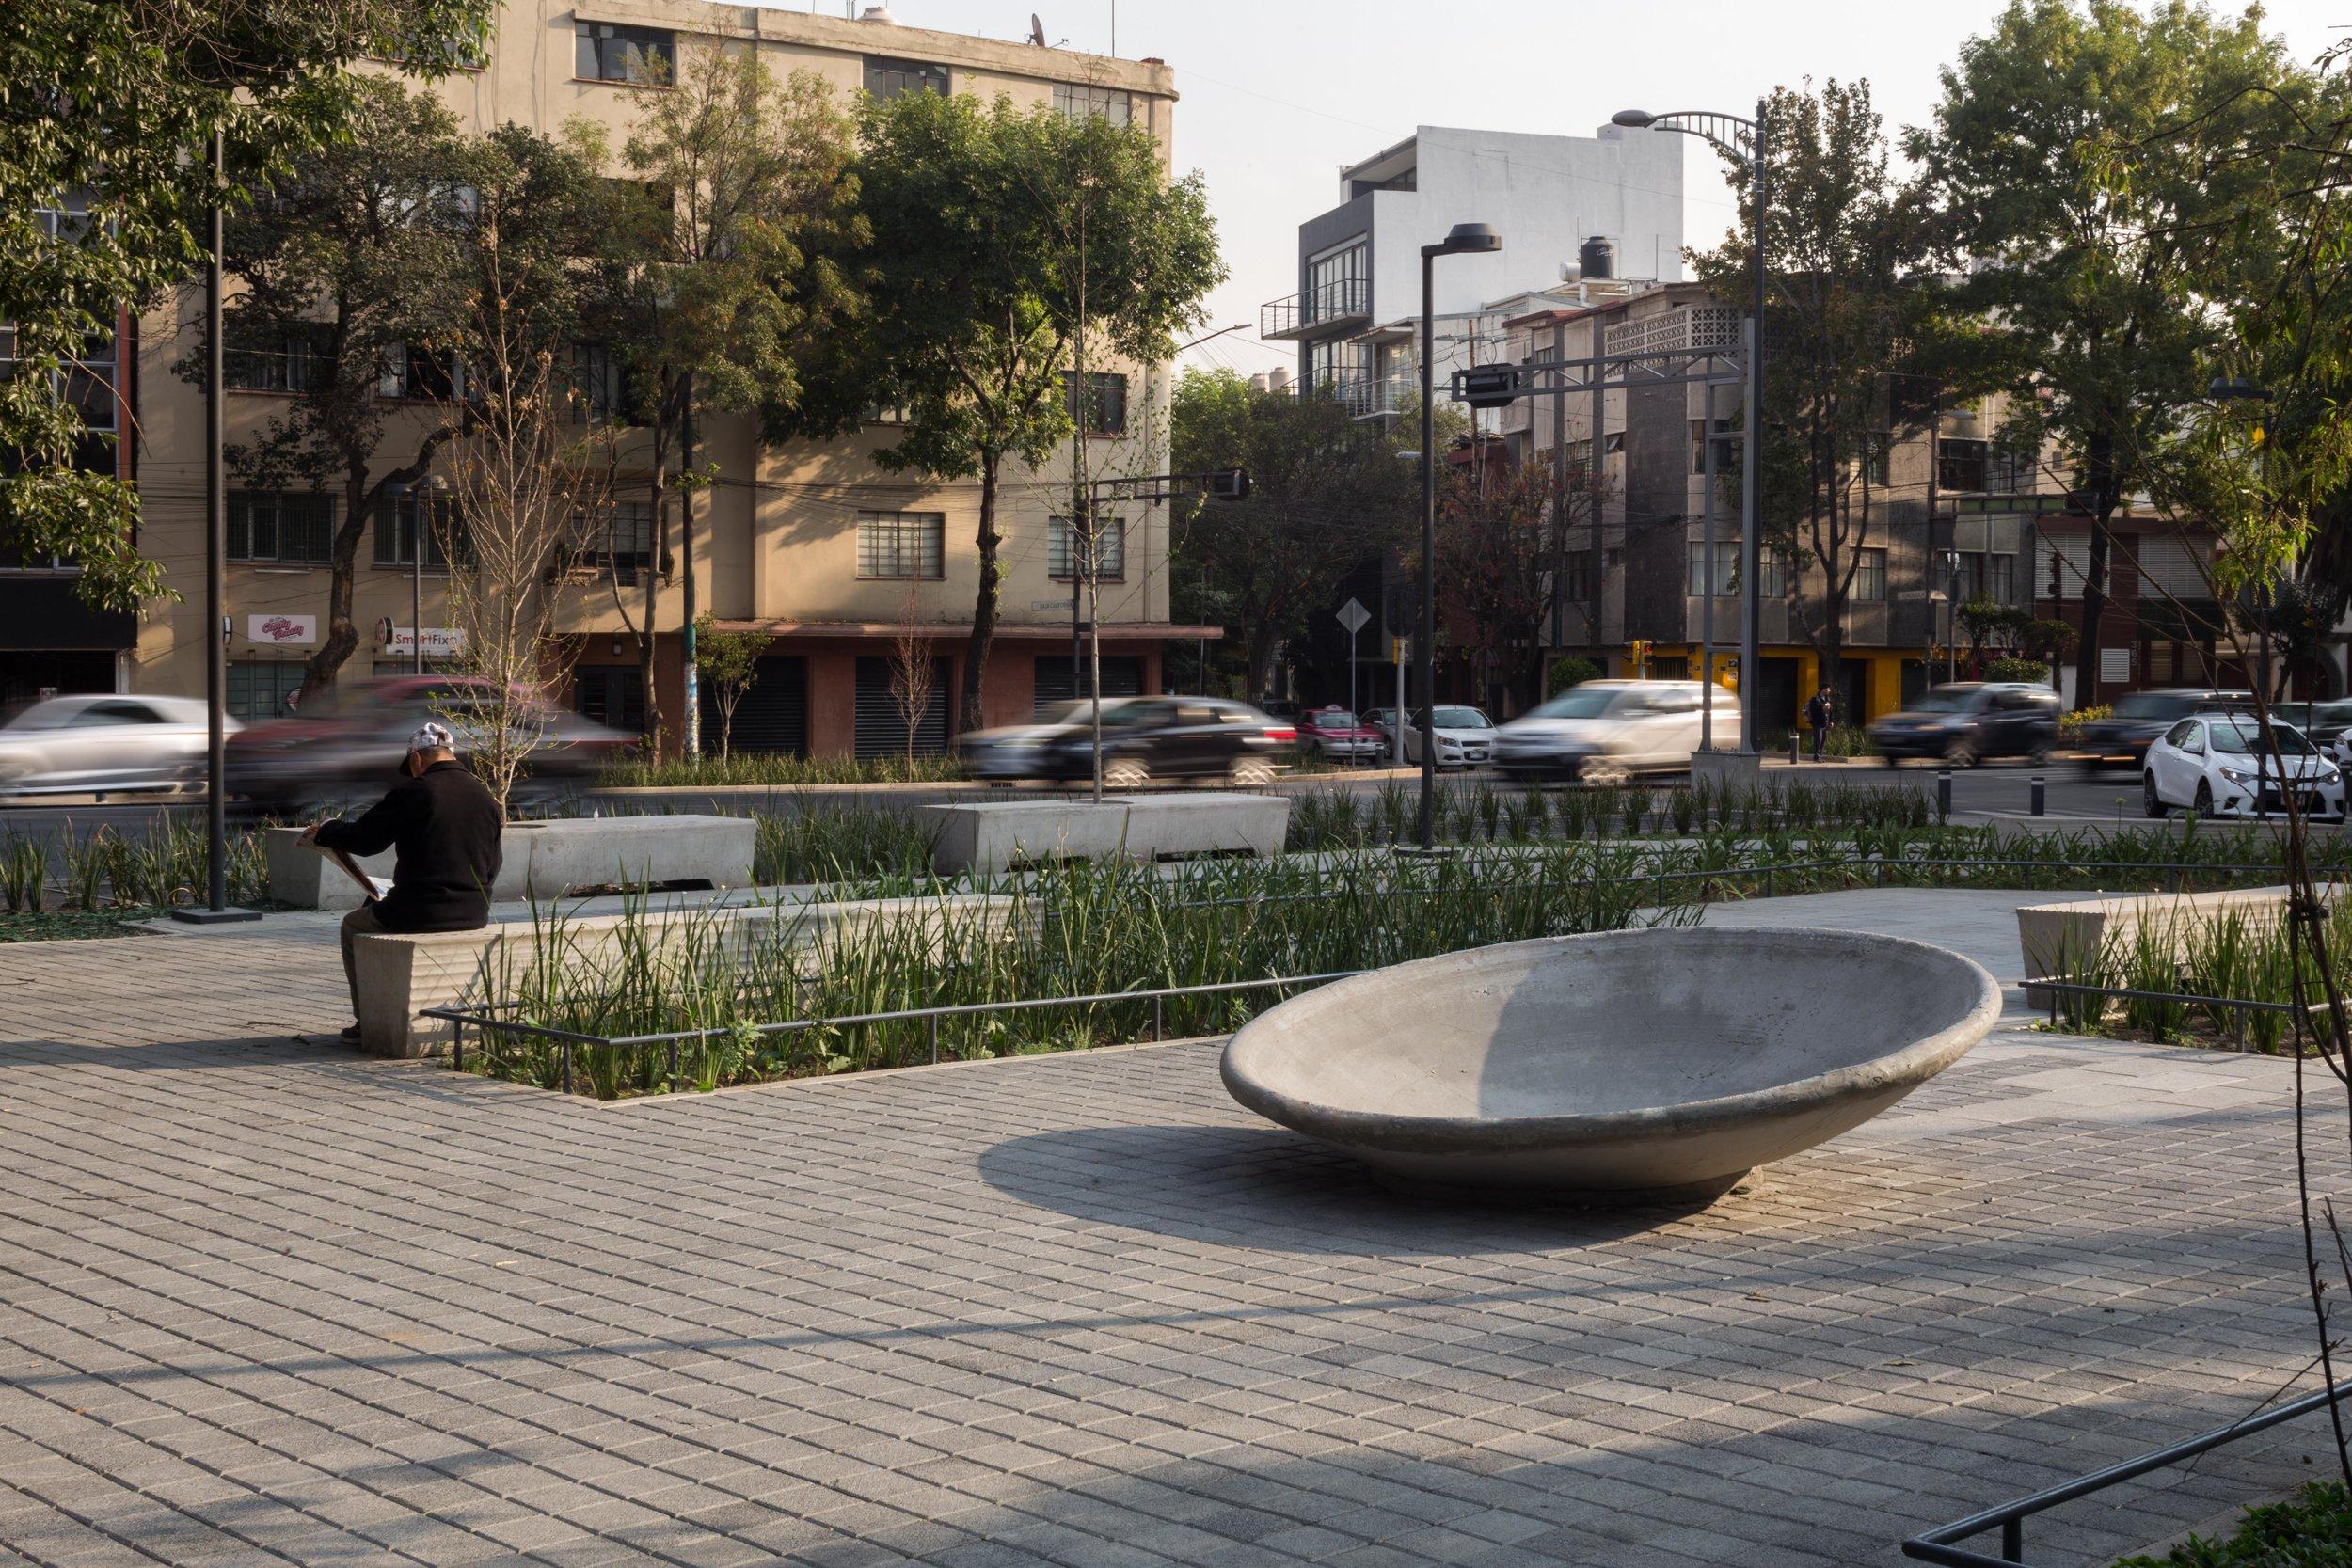 mobiliario urbano de  Unidad de Protocolos  para  AEP   CDMX, 2018